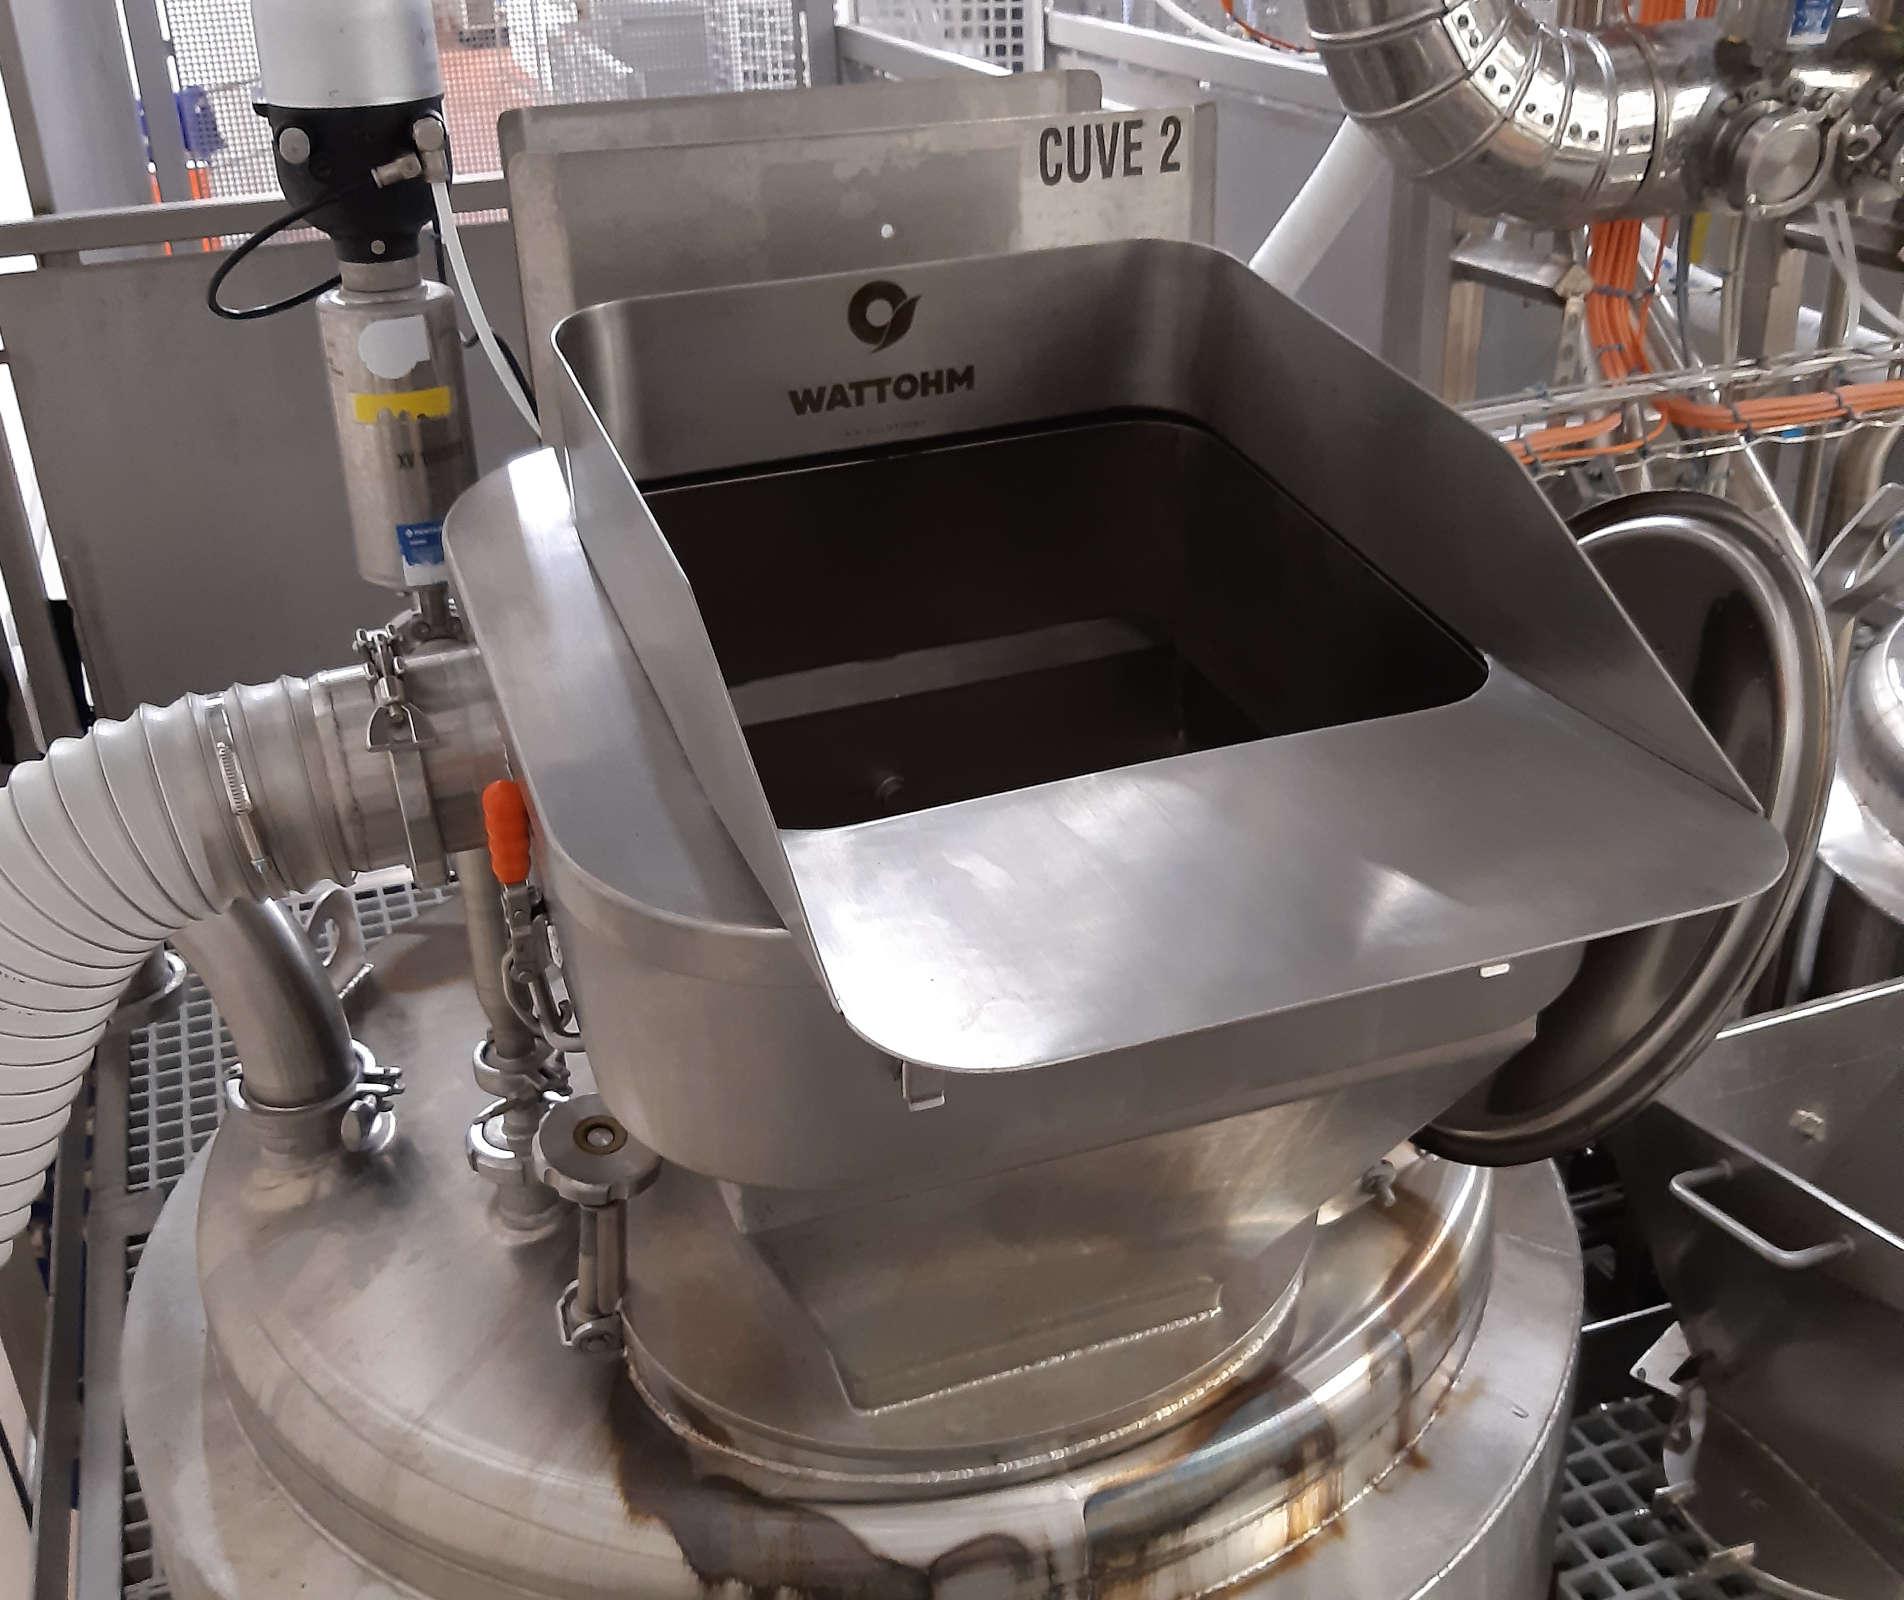 Conception de vides sacs et de capteurs d'aspiration à fentes, dépoussiérage ATEX des convoyeurs et manutention des grains et matières premières, conception et réalisation de dépoussiéreurs à voie humide